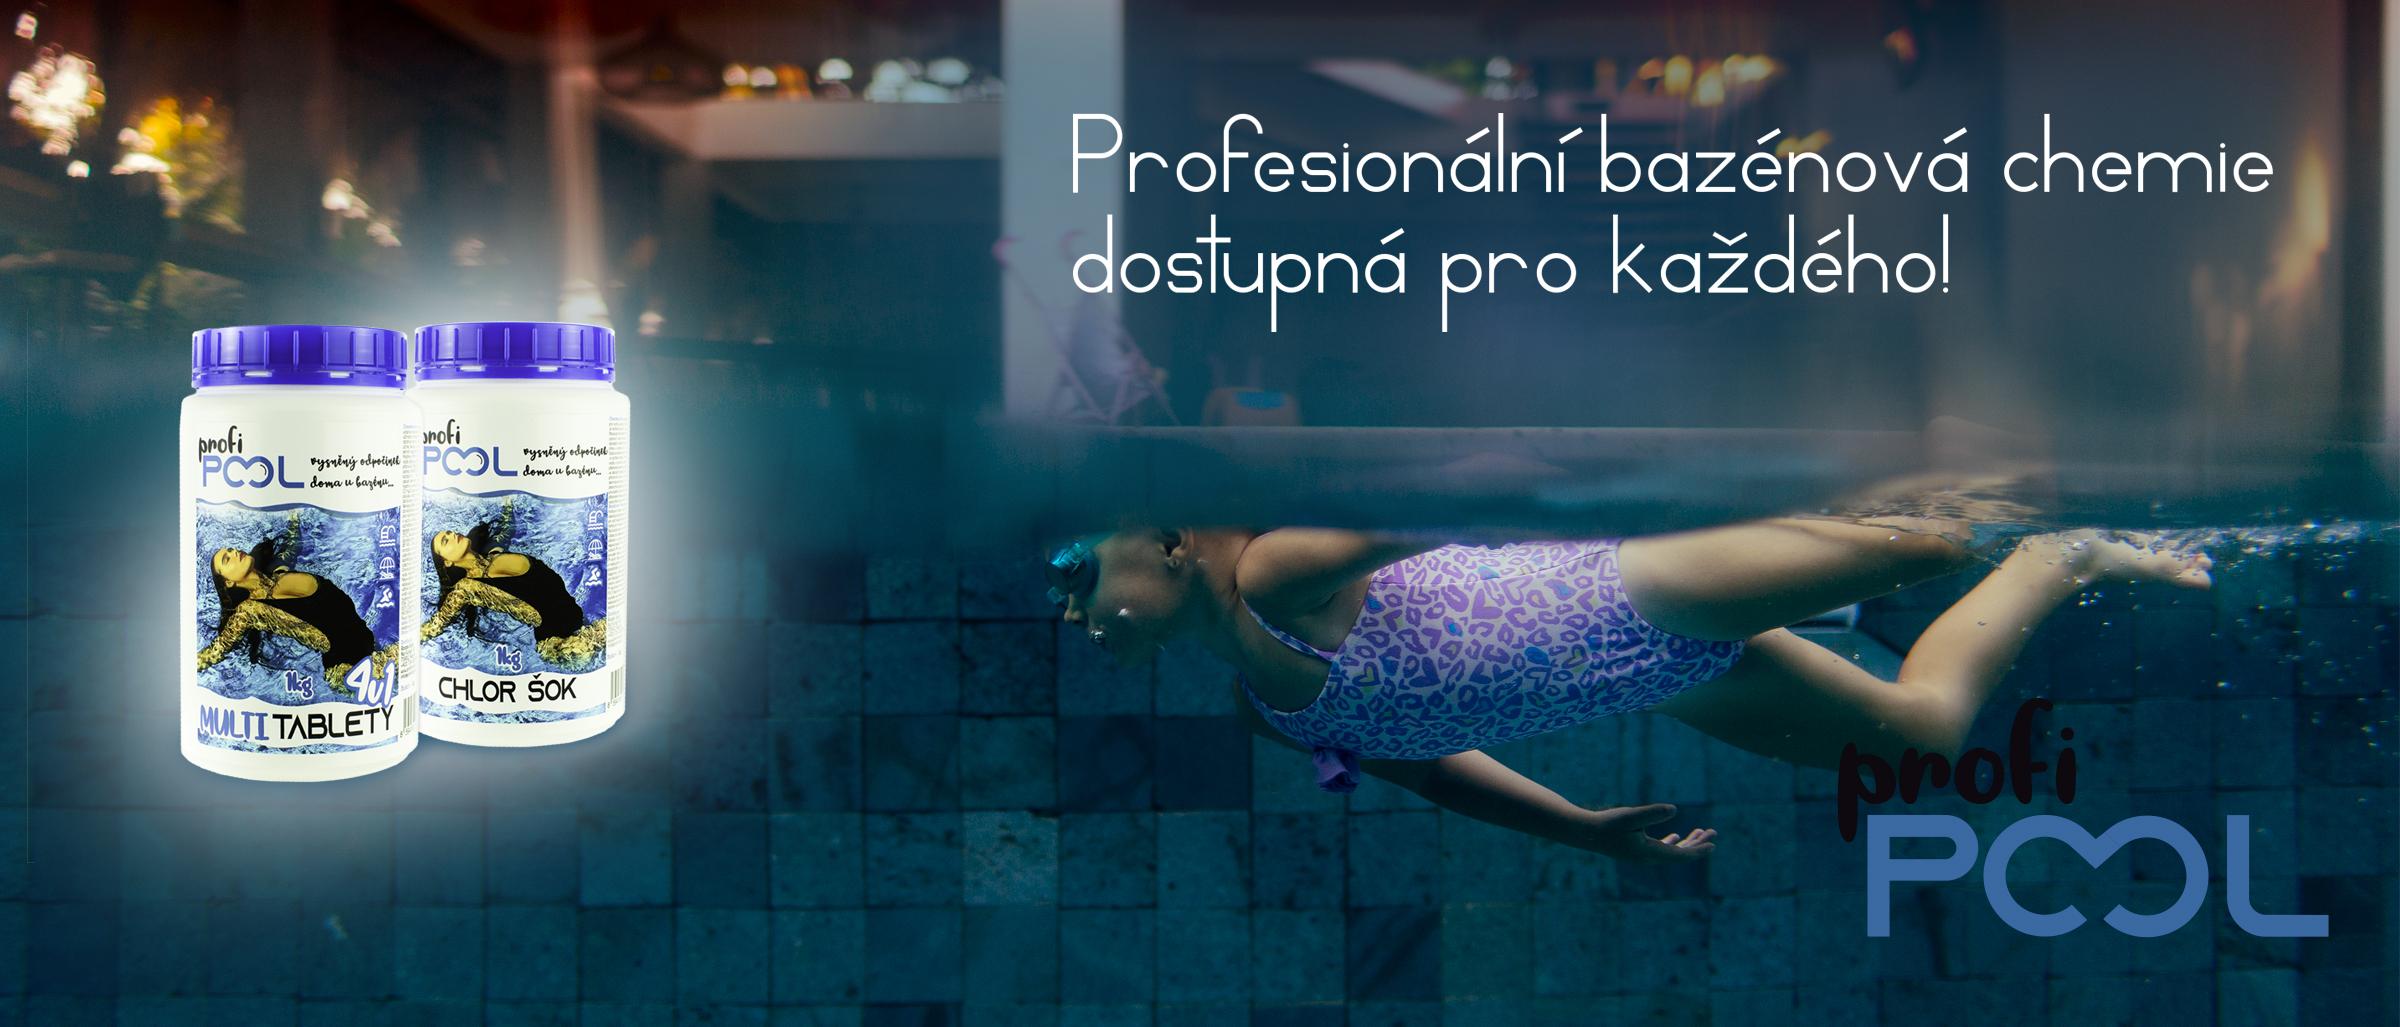 ProfiPOOL bazénová chemie dostupná pro každého